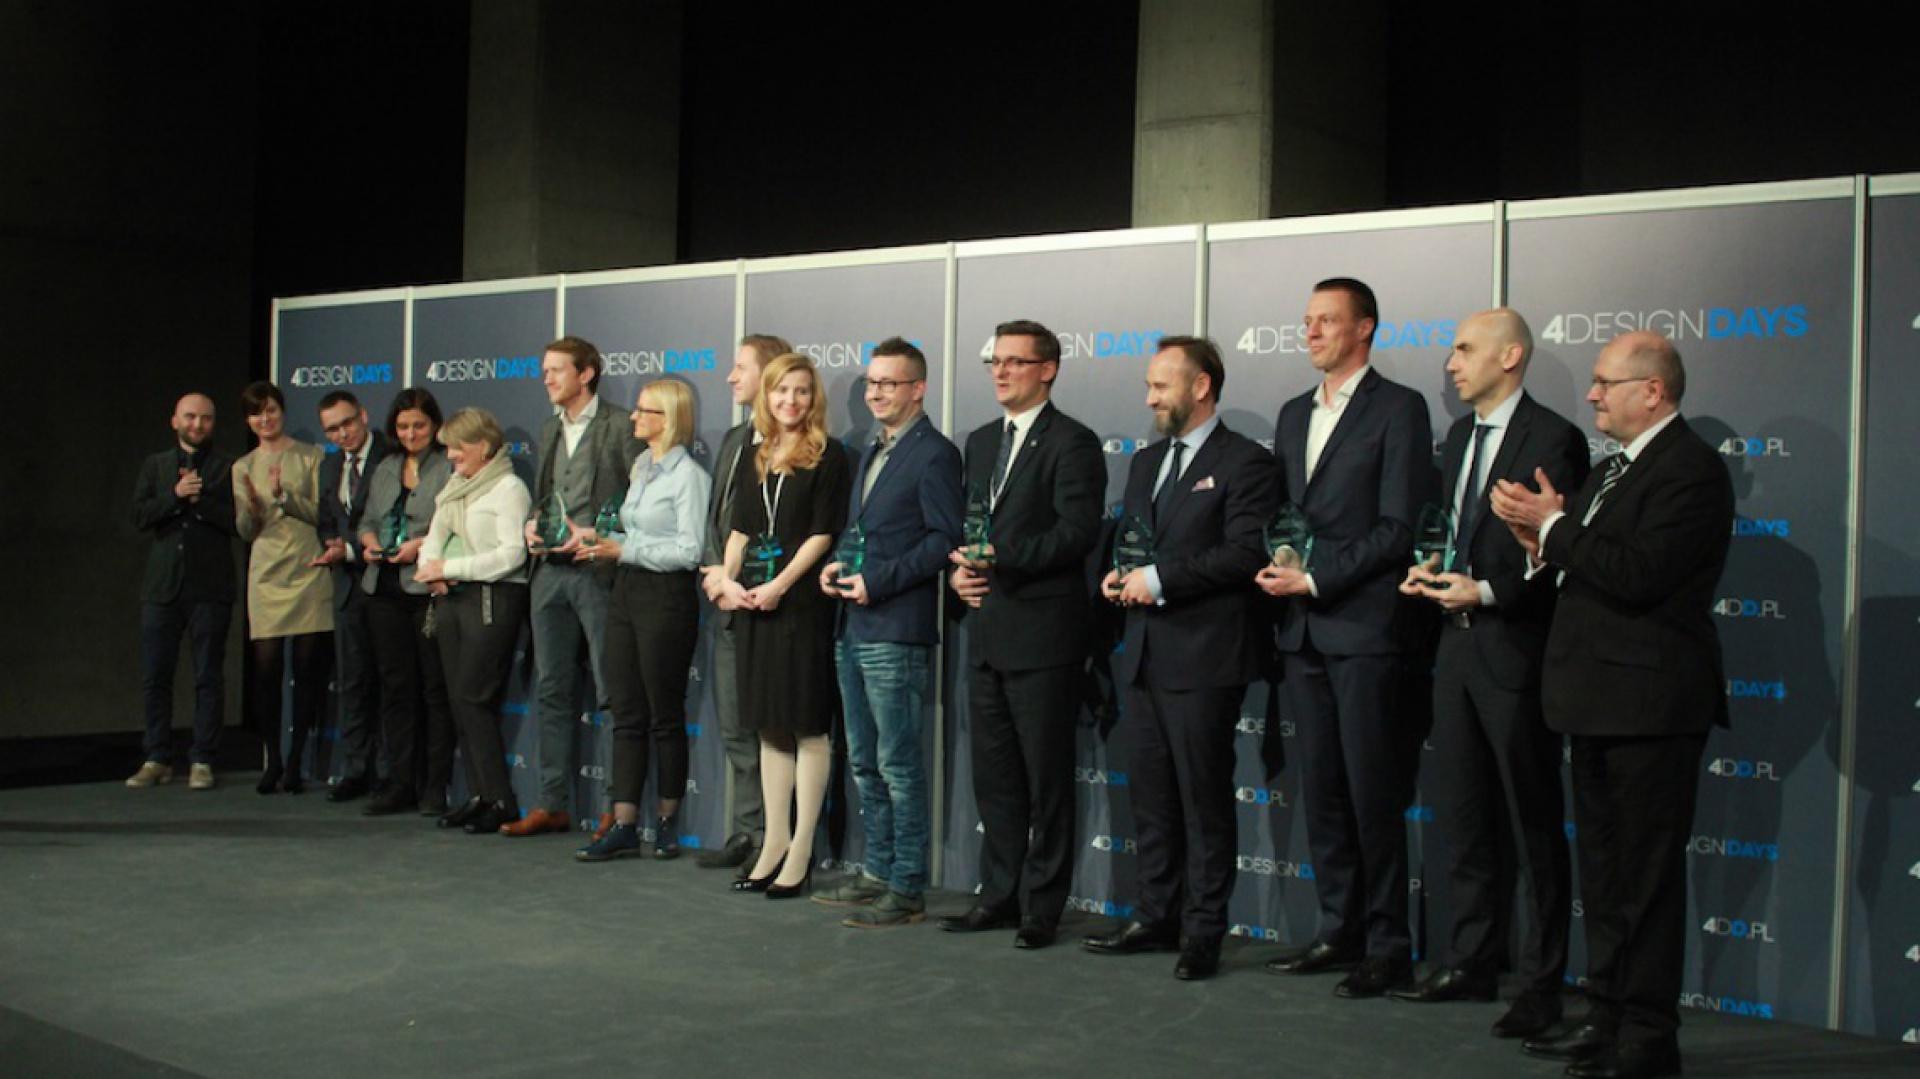 Nagrodzeni w konkursie Property Design Awards 2016, który towarzyszył eventowi 4 Design Days w Katowicach